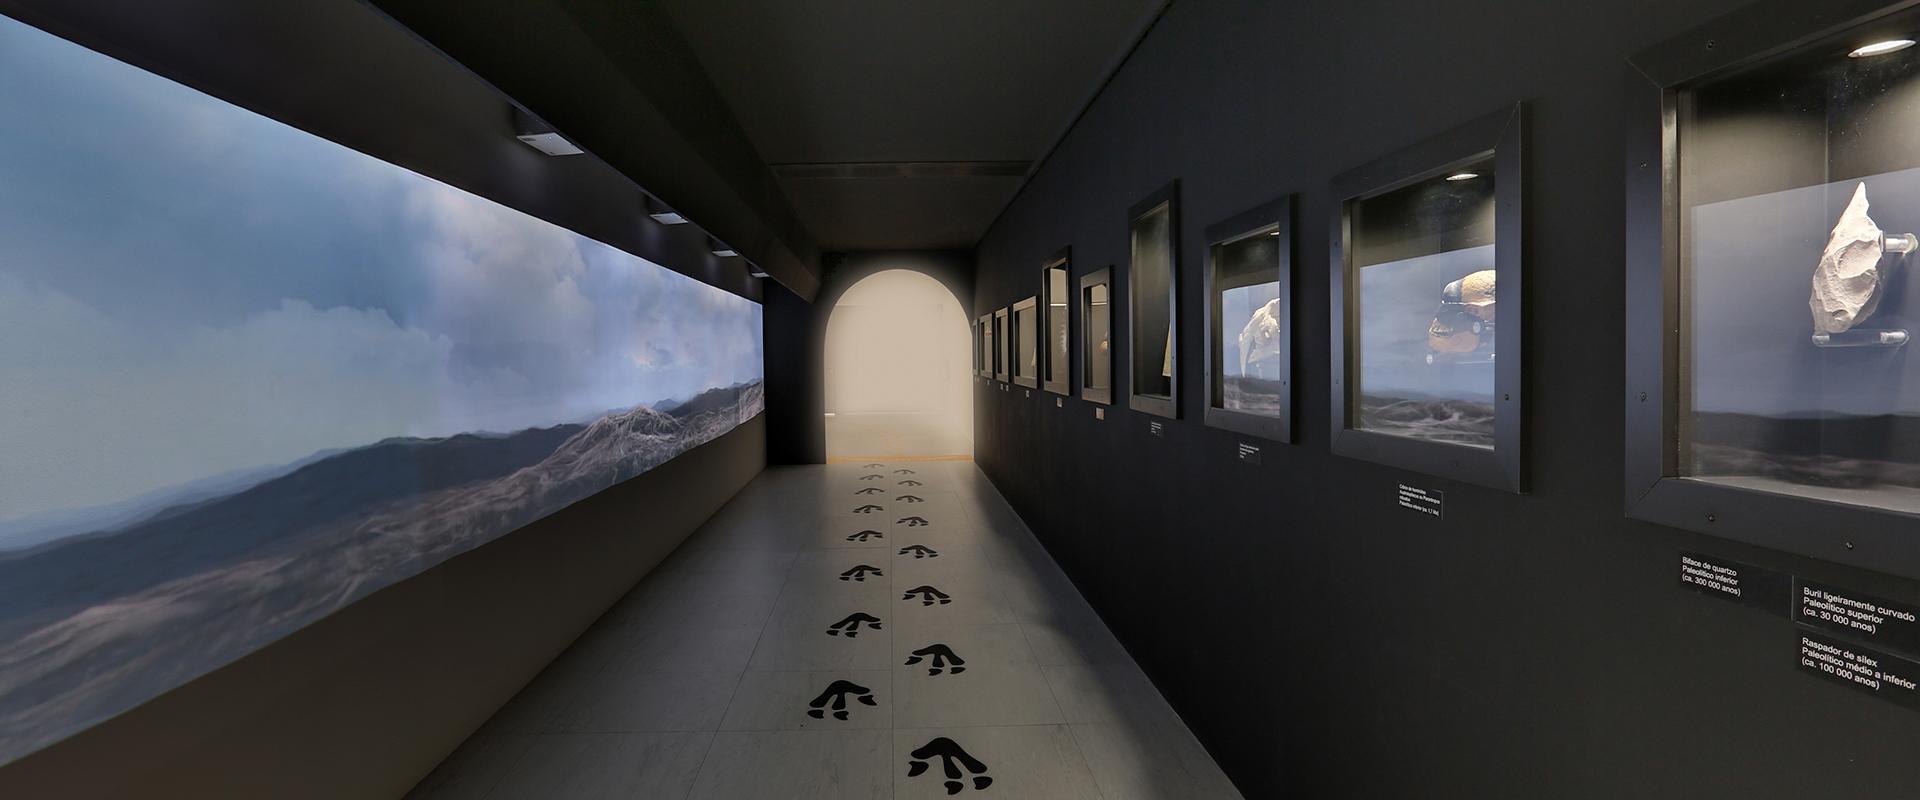 Exposição Permanente aberta no dia 30 de março